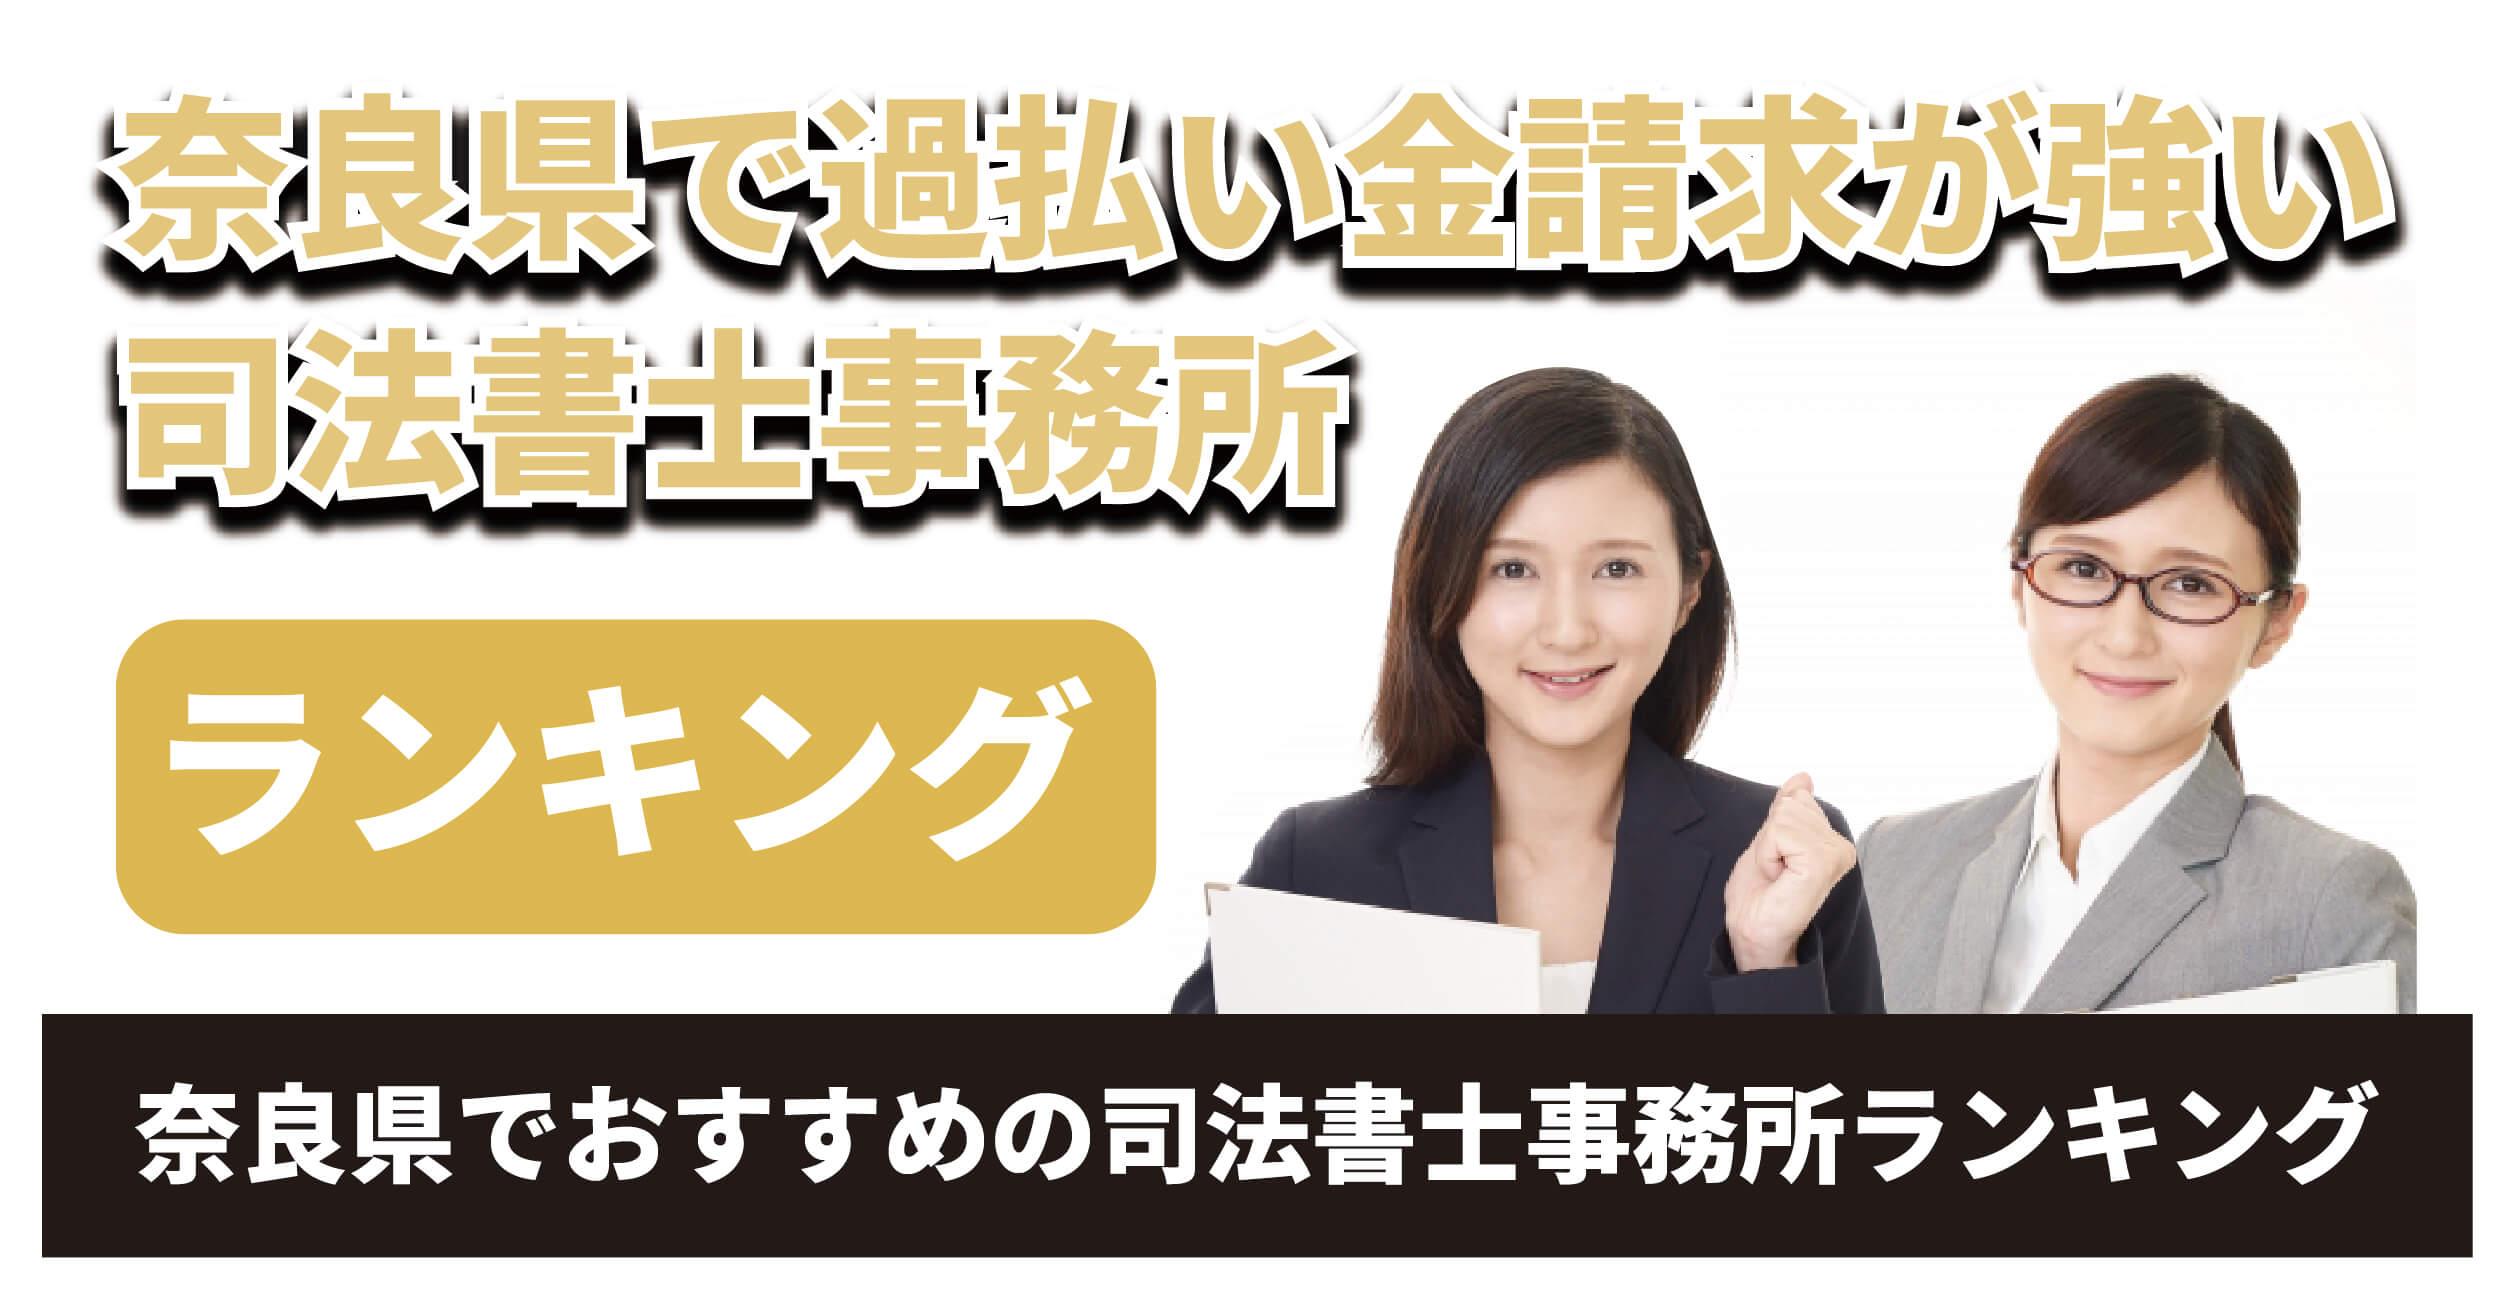 奈良県で過払い金請求が強い司法書士は?